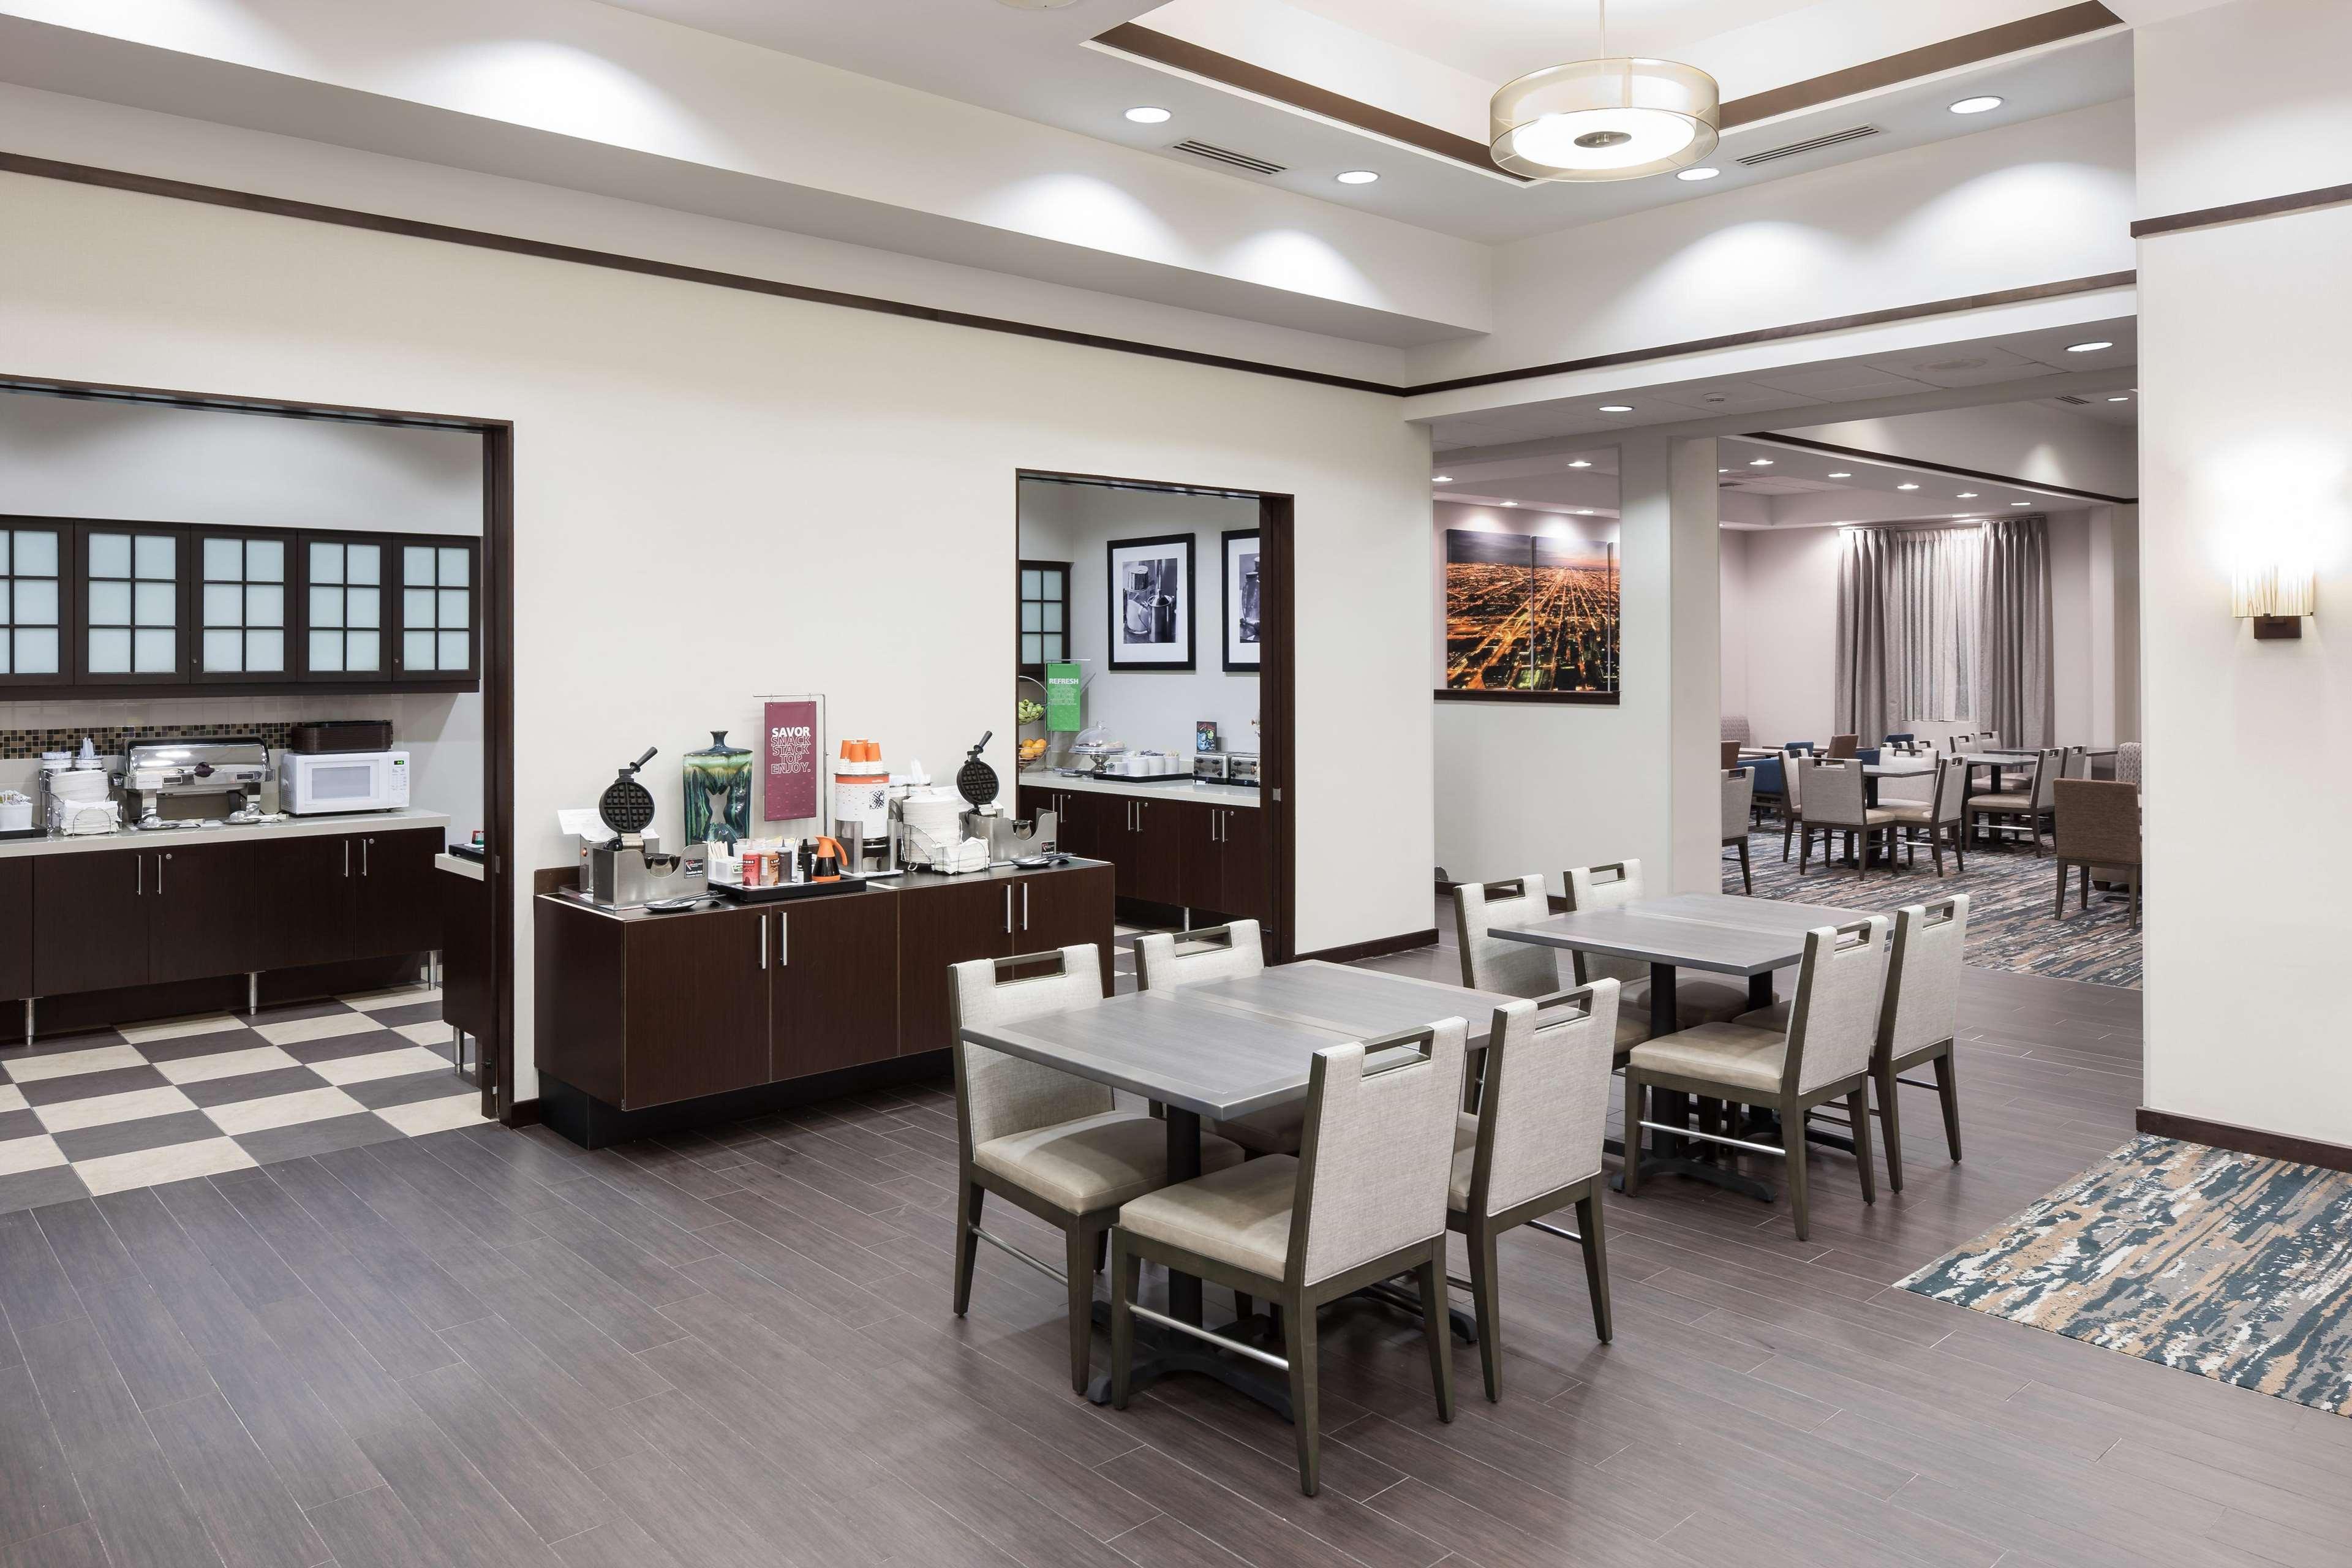 Hampton Inn & Suites Chicago-North Shore/Skokie image 15